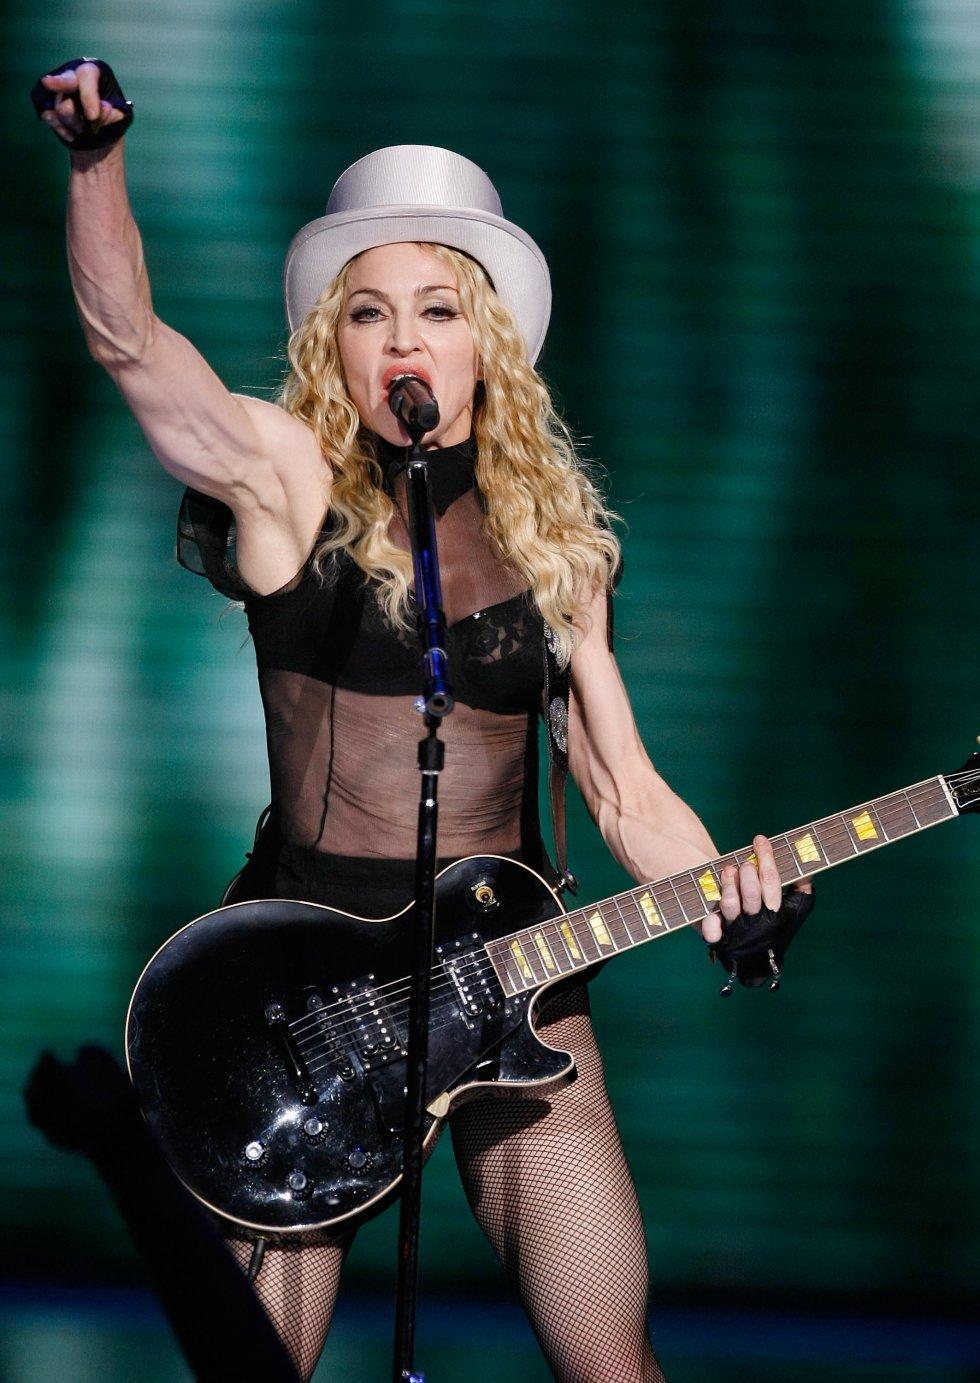 """A la espera de un nuevo álbum tras el ya lejano """"Rebel Heart"""" (2015), la popularidad de Madonna no corre peligro, ya que cada movimiento de la cantante, en cualquier dirección y en cualquier ámbito, se sigue observando y analizando con la atención que solo se dedica a los mitos."""